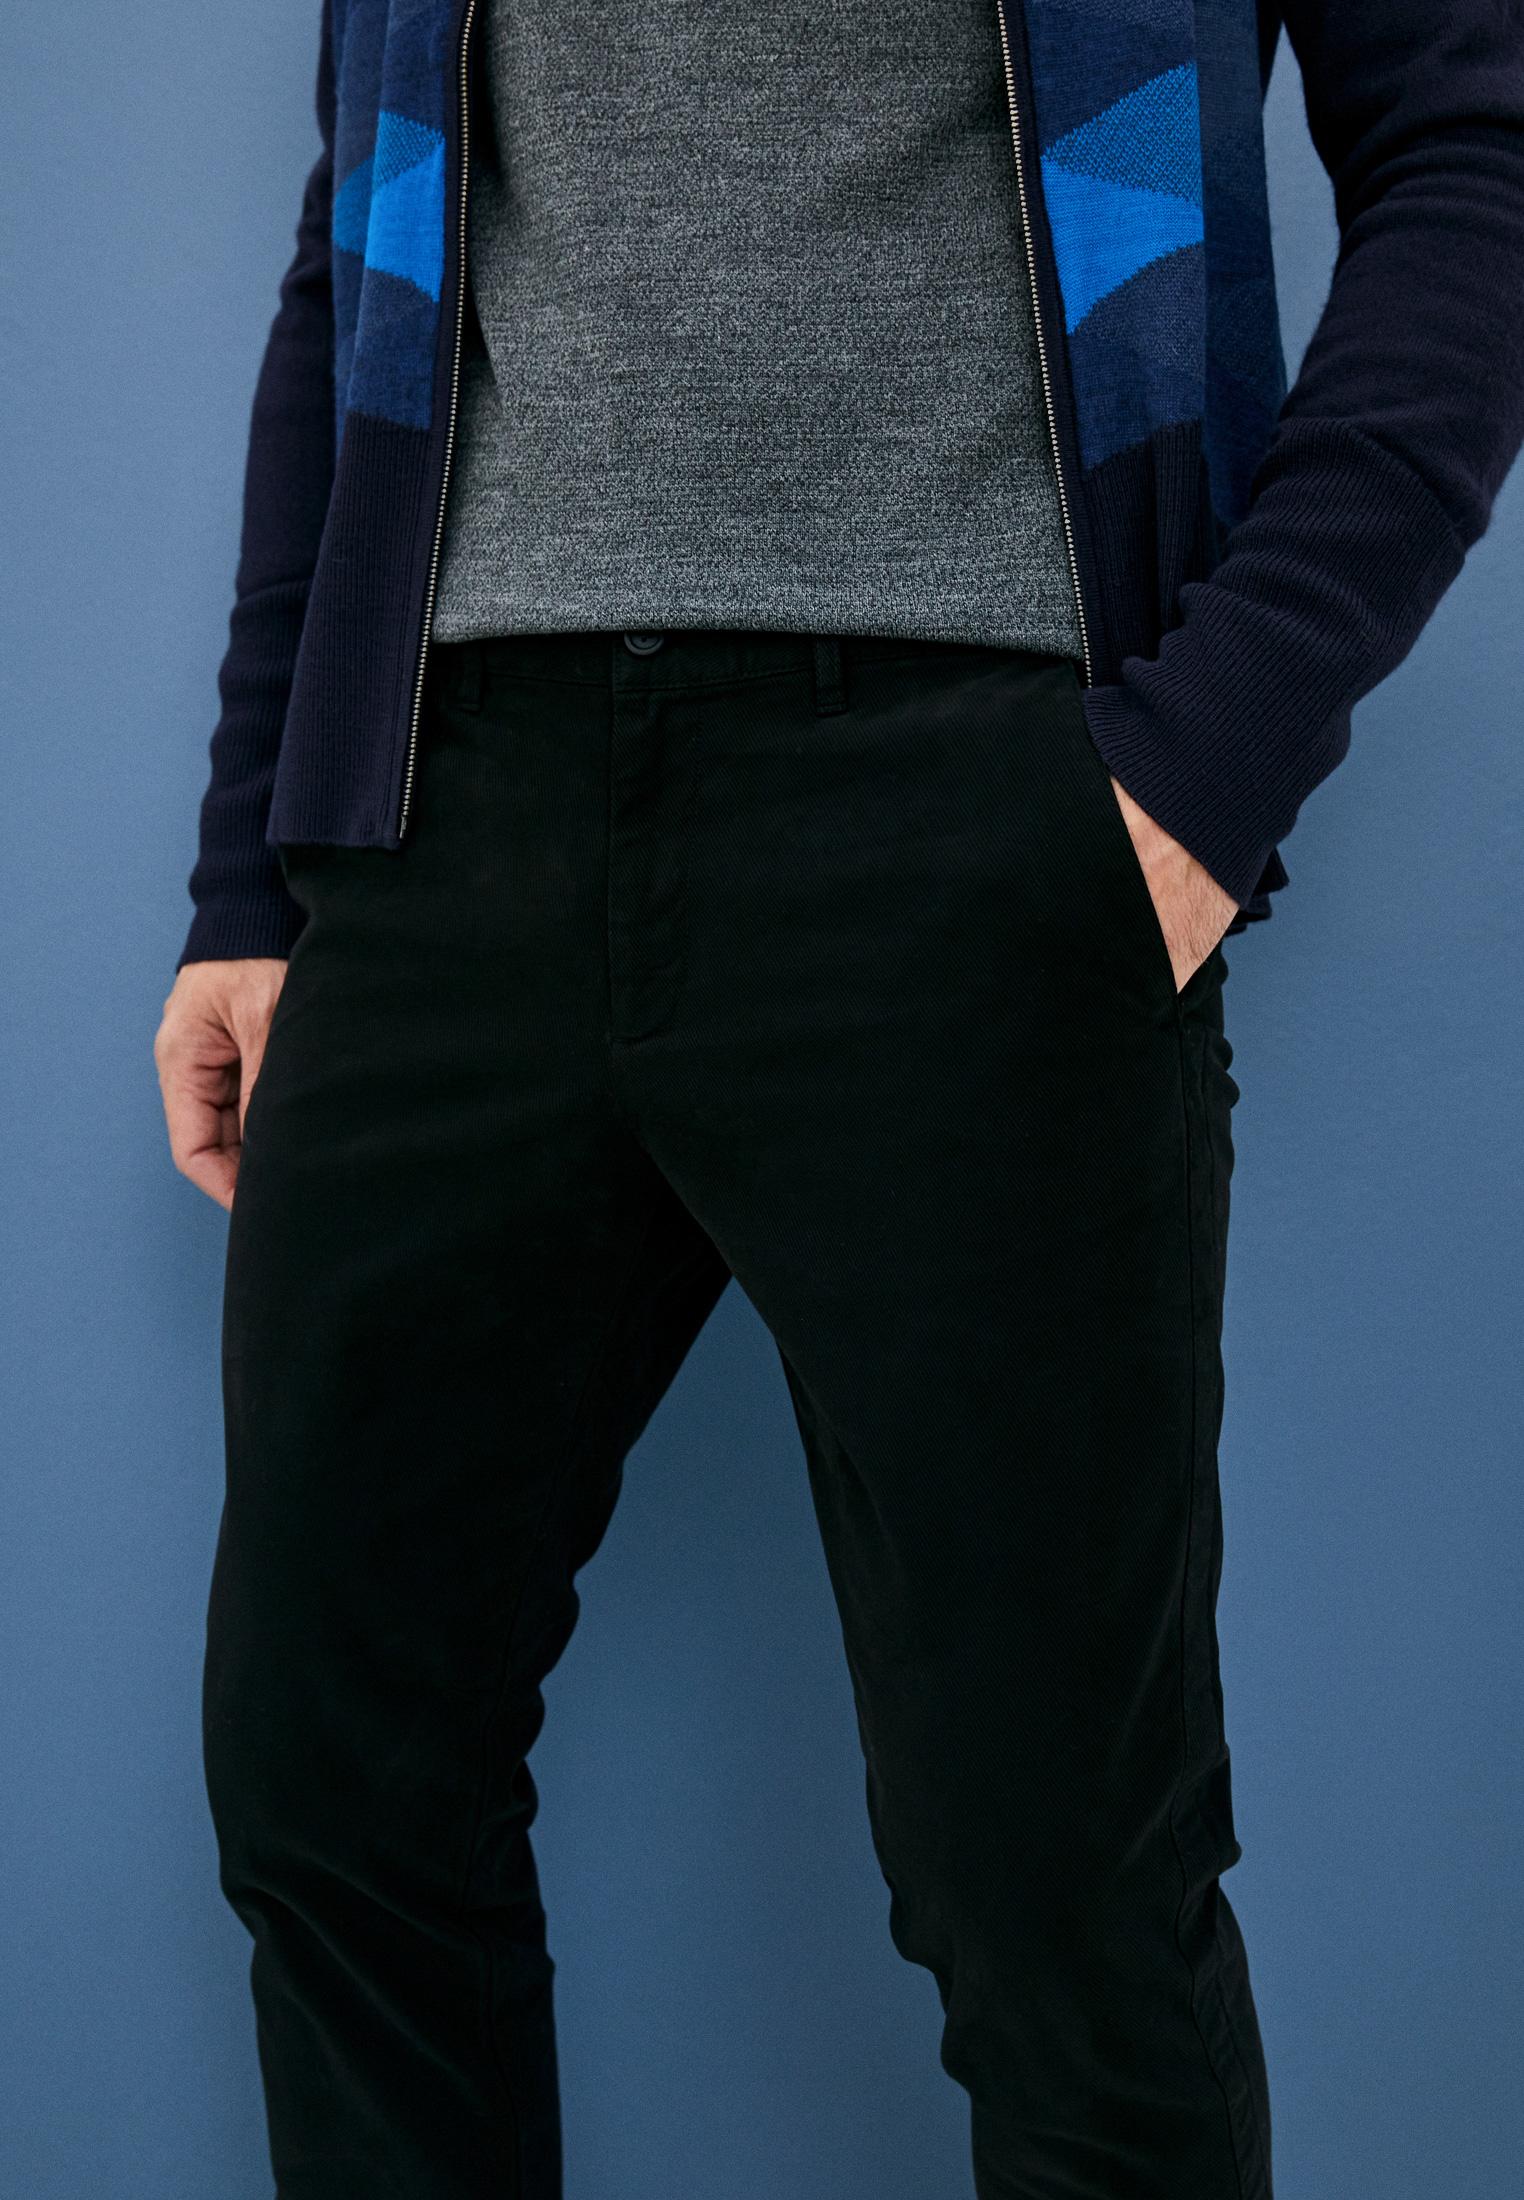 Мужские повседневные брюки Bikkembergs (Биккембергс) C P 001 04 S 3472: изображение 2